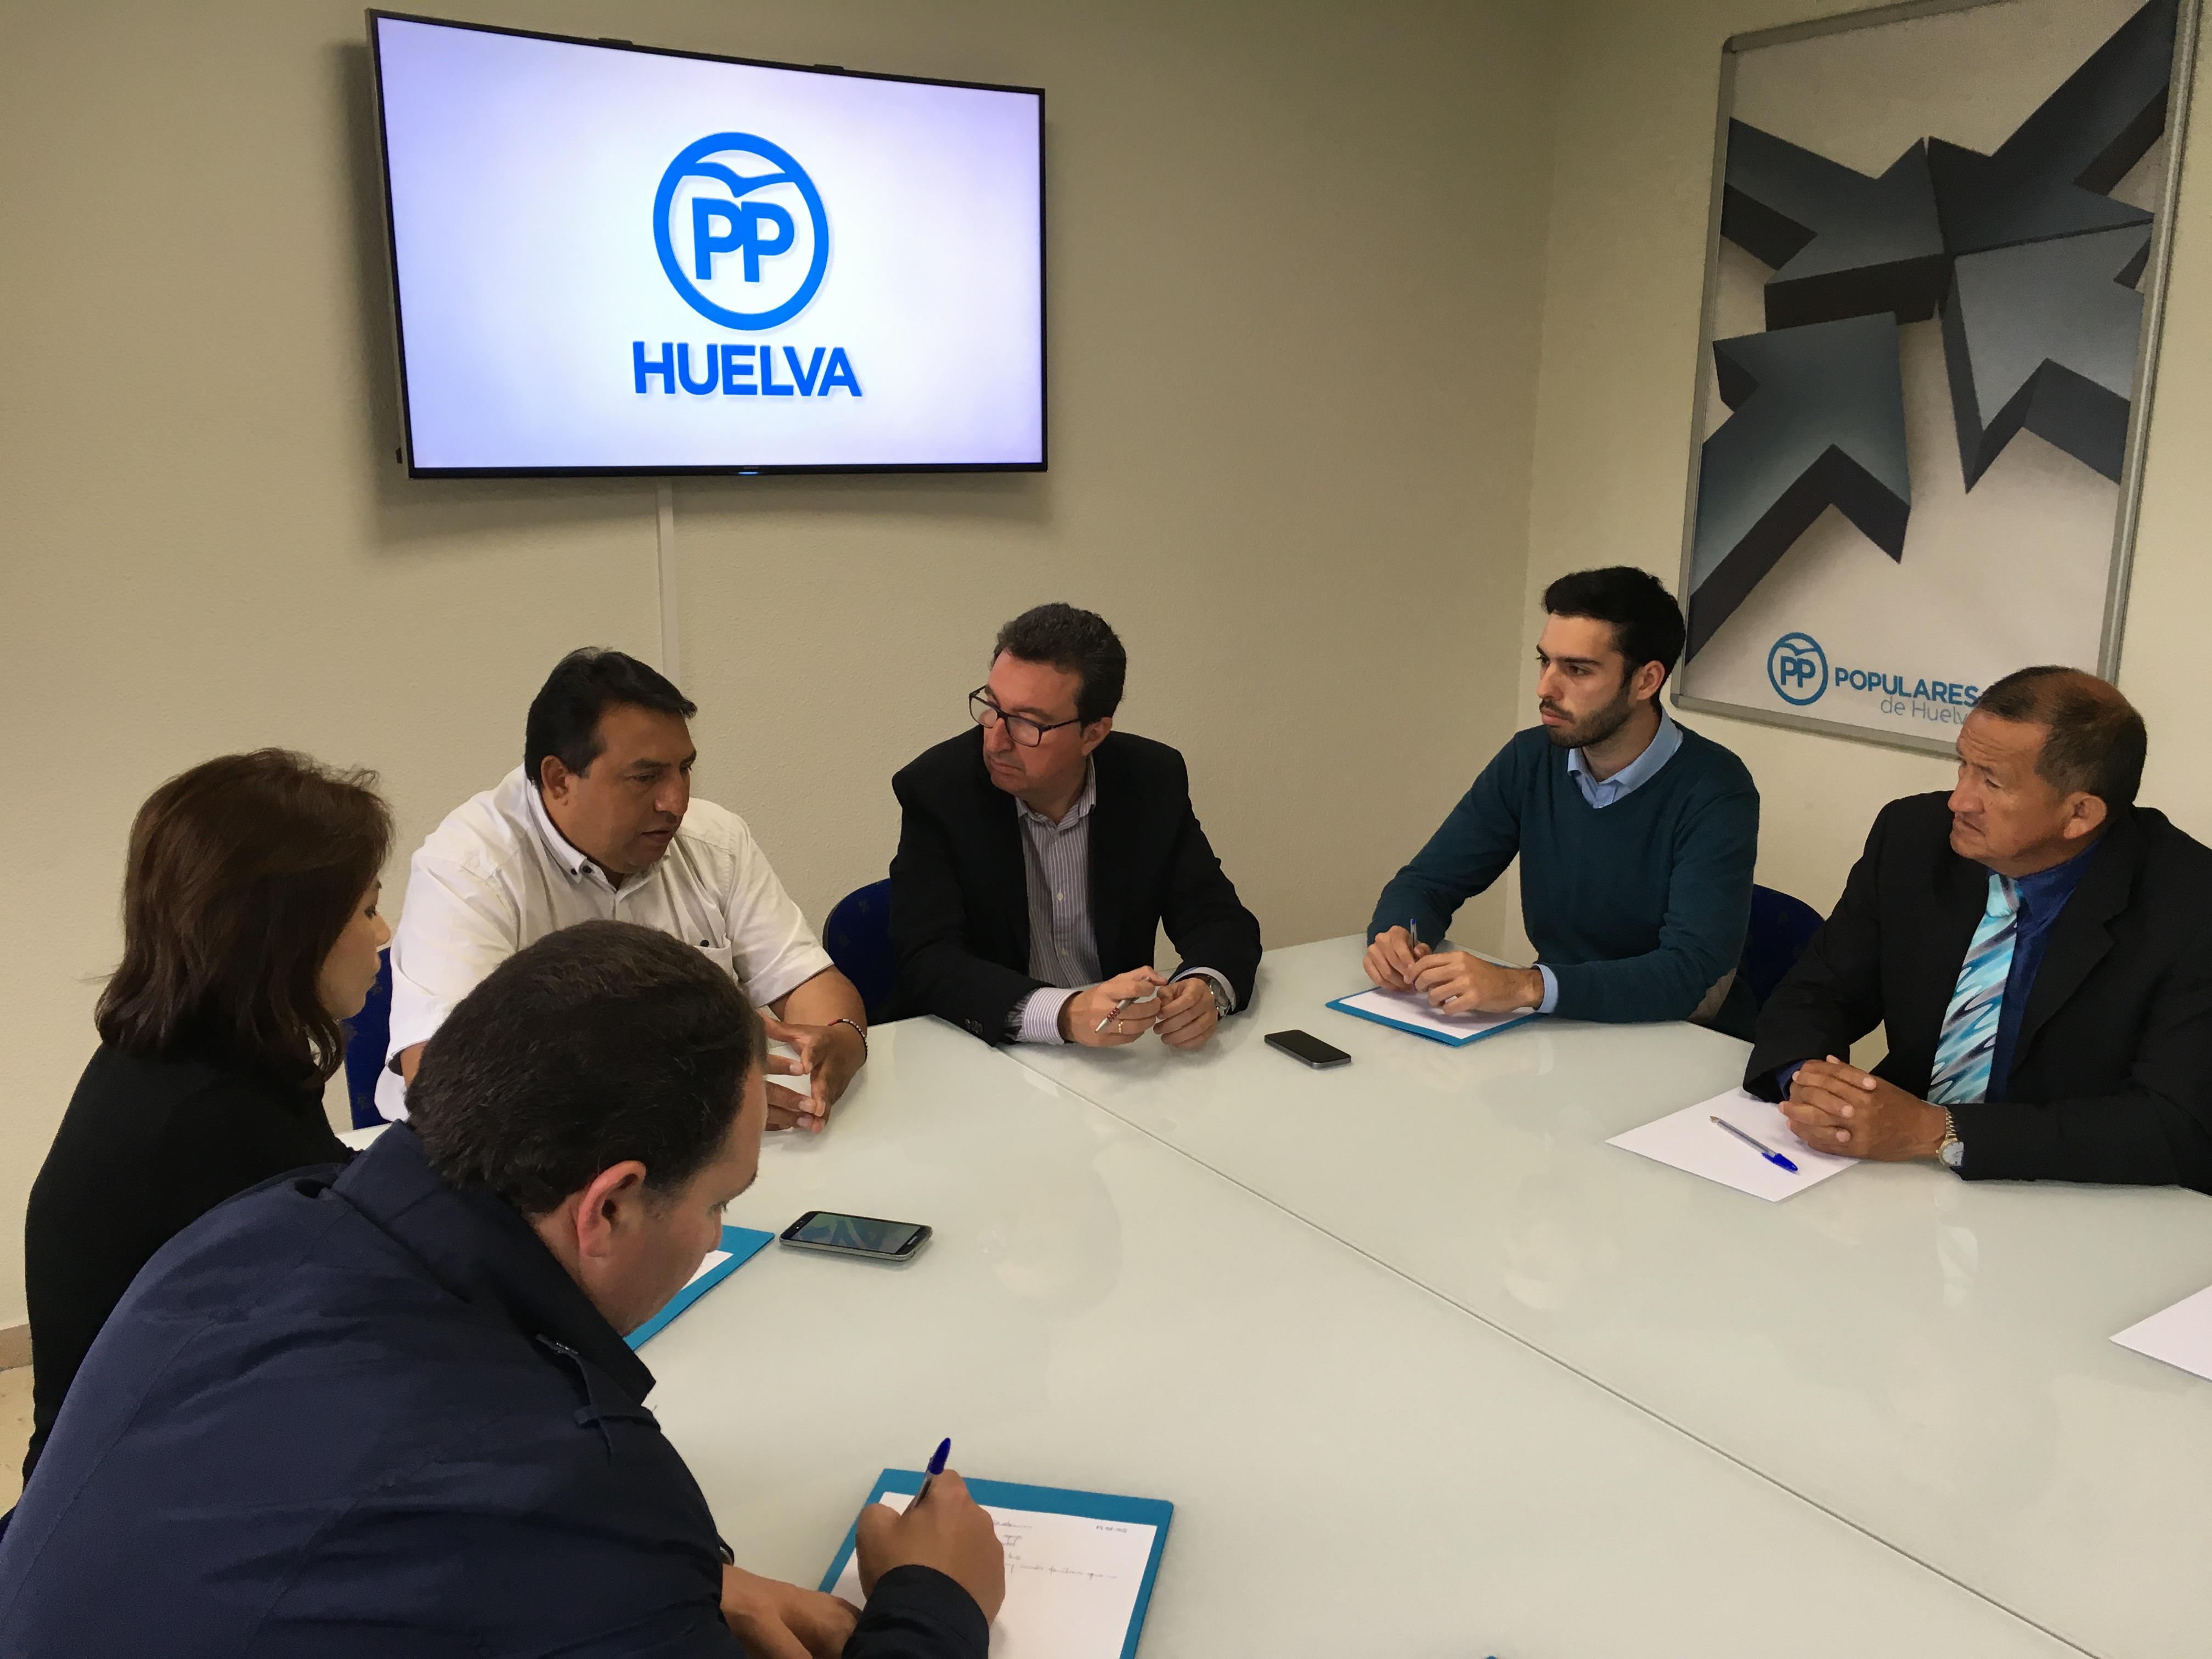 El PP muestra su solidaridad con Ecuador y ofrece su colaboración a sus representantes en Huelva